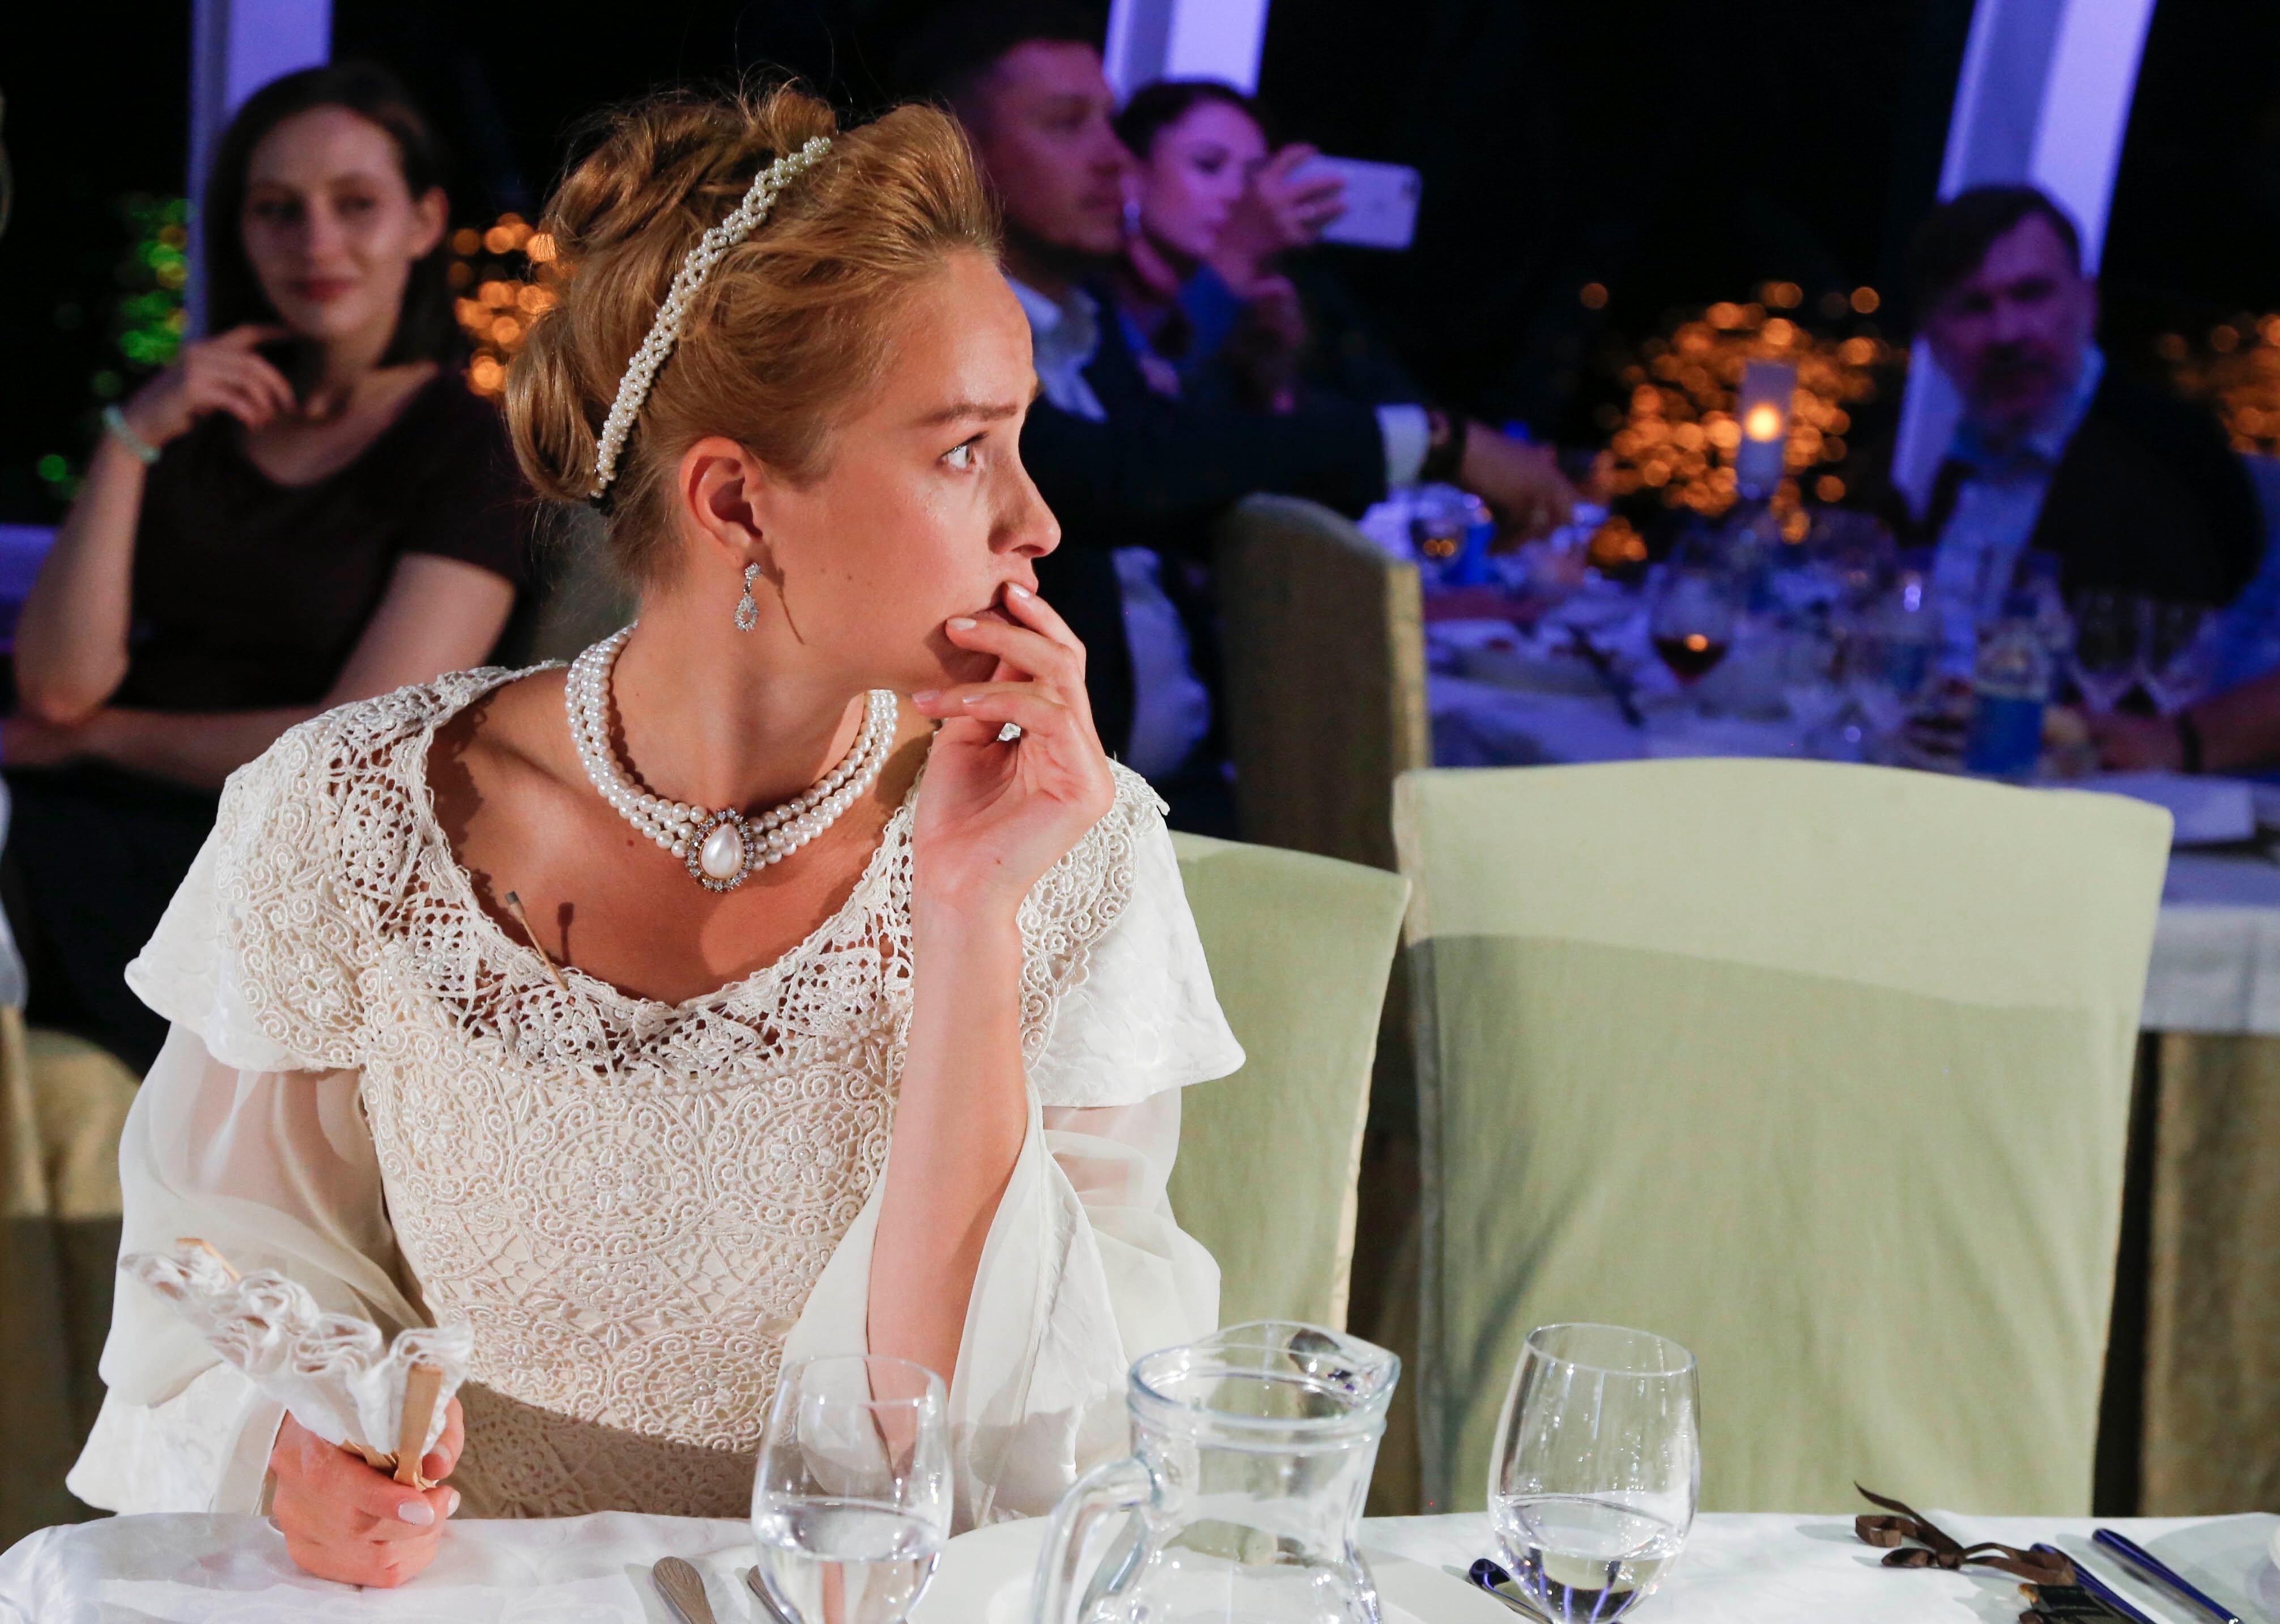 «Ужин с классиком»: новейший формат спектакля в круизе